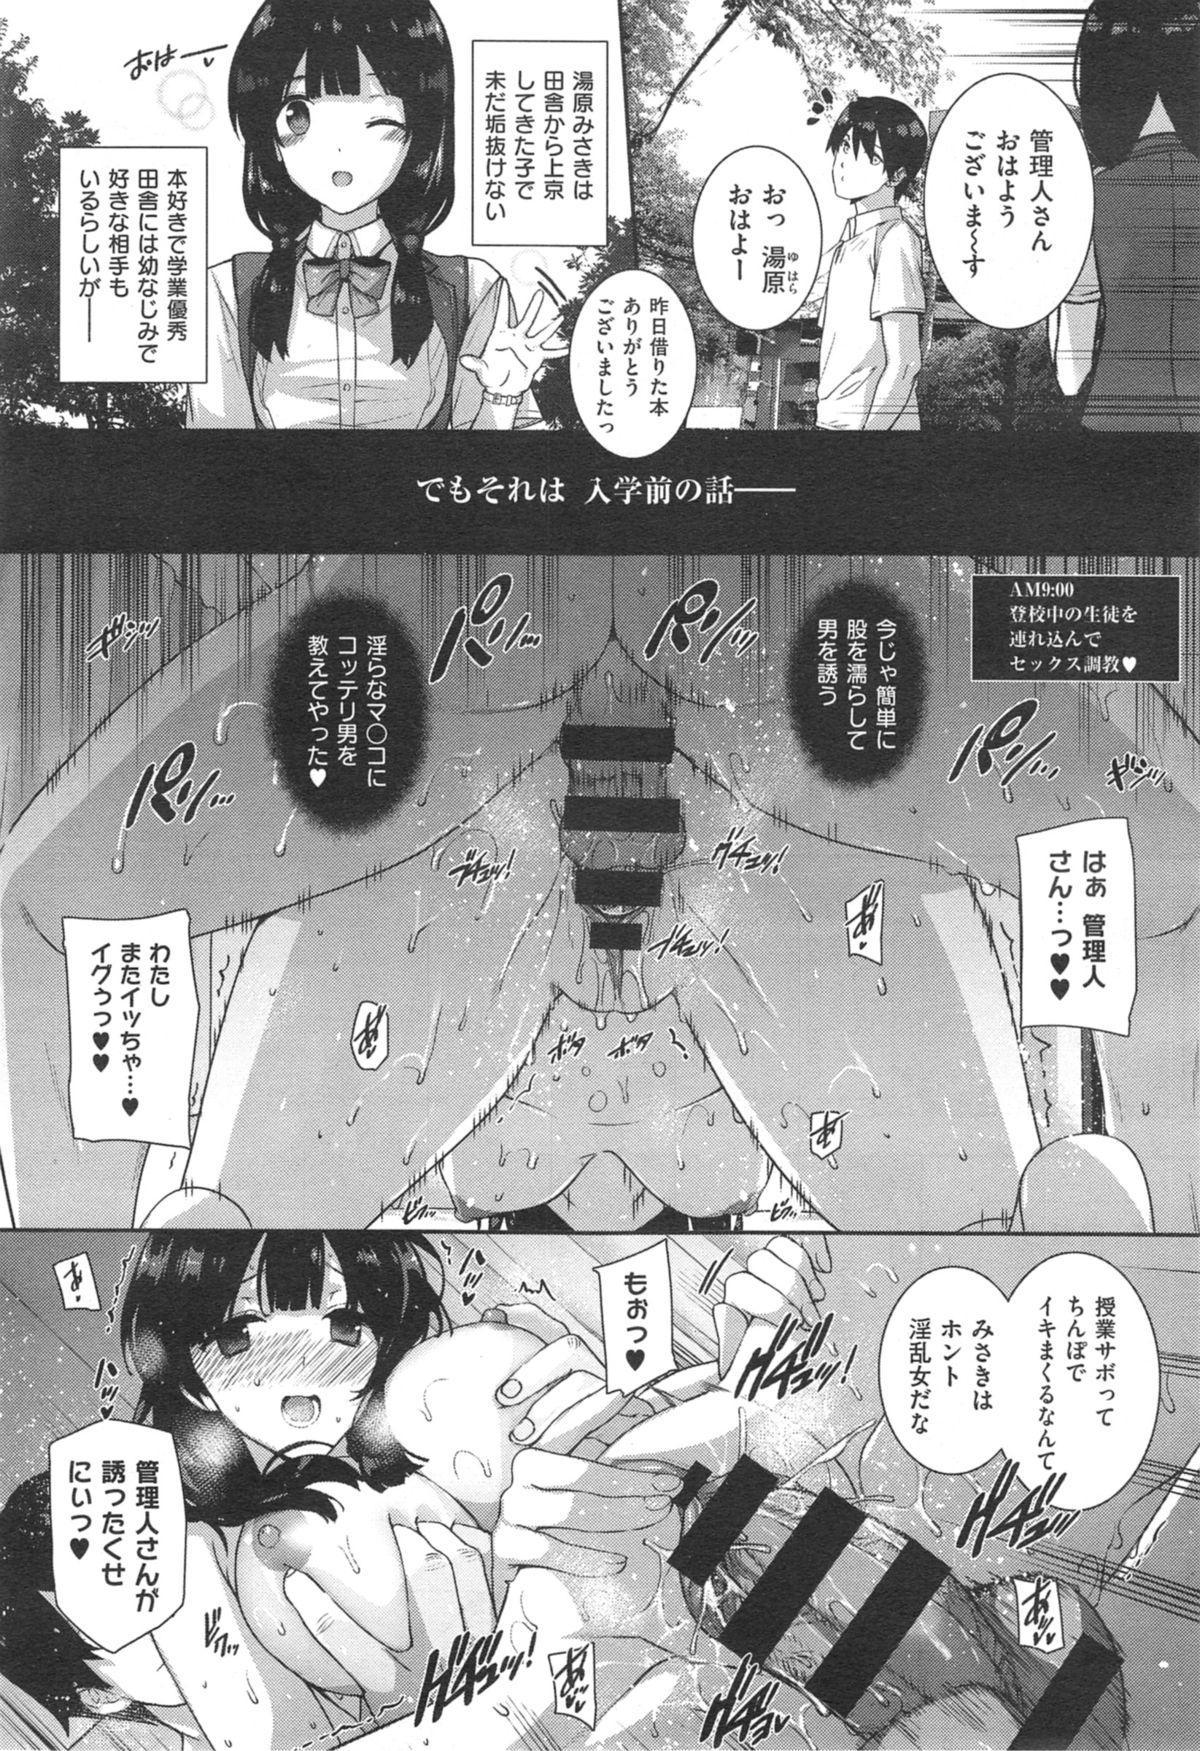 shiramine hibiki no ryoukannisshi 33